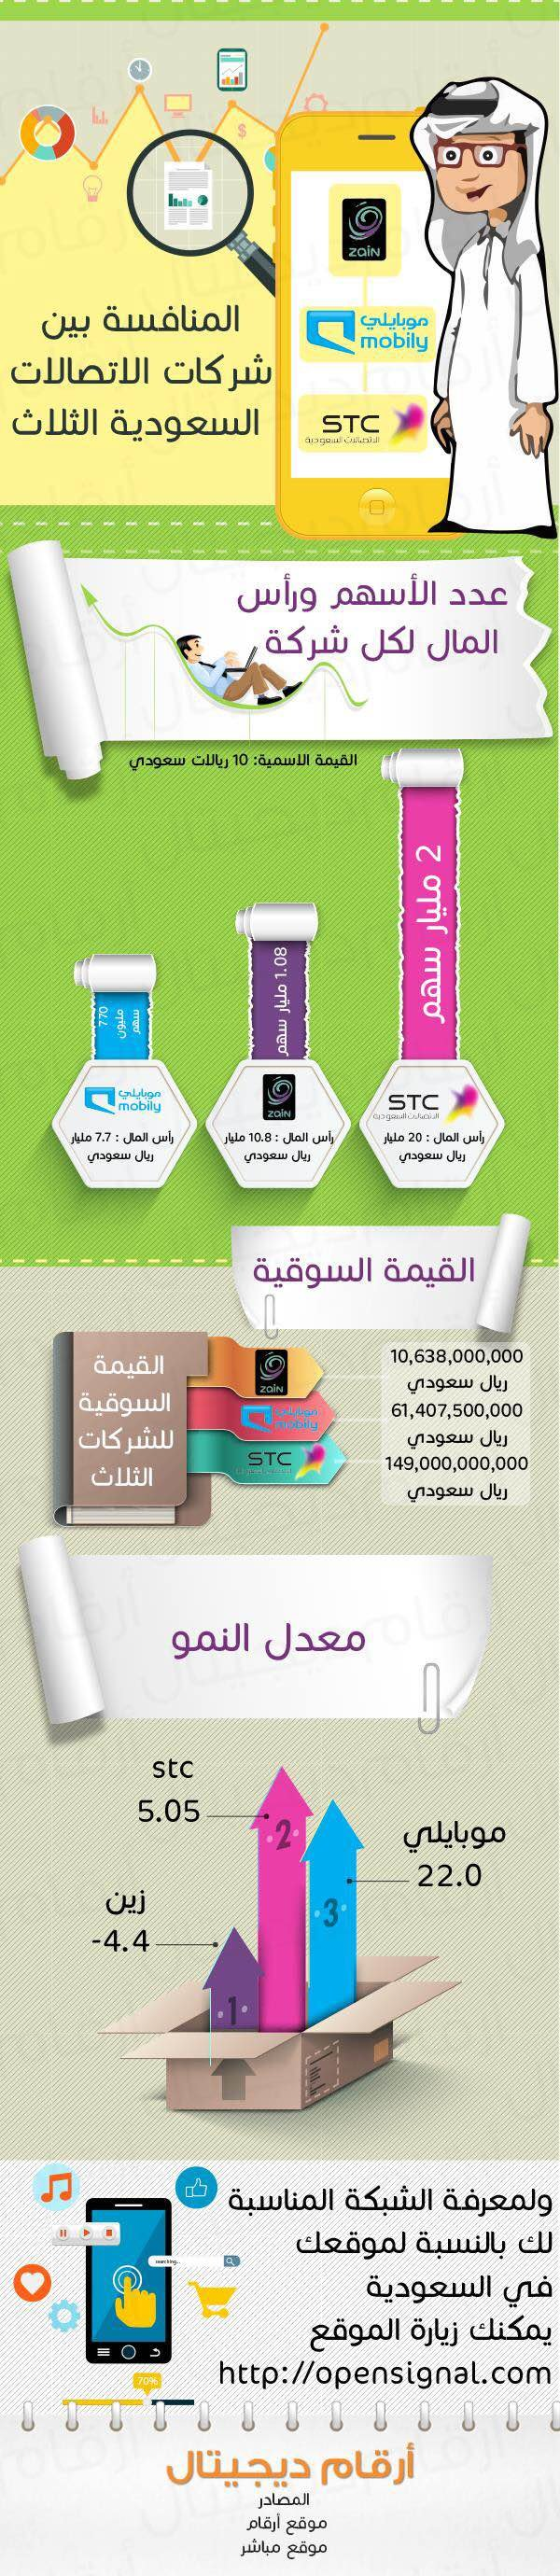 #انفوجرافيك المنافسة بين شركات الاتصالات السعودية الثلاث